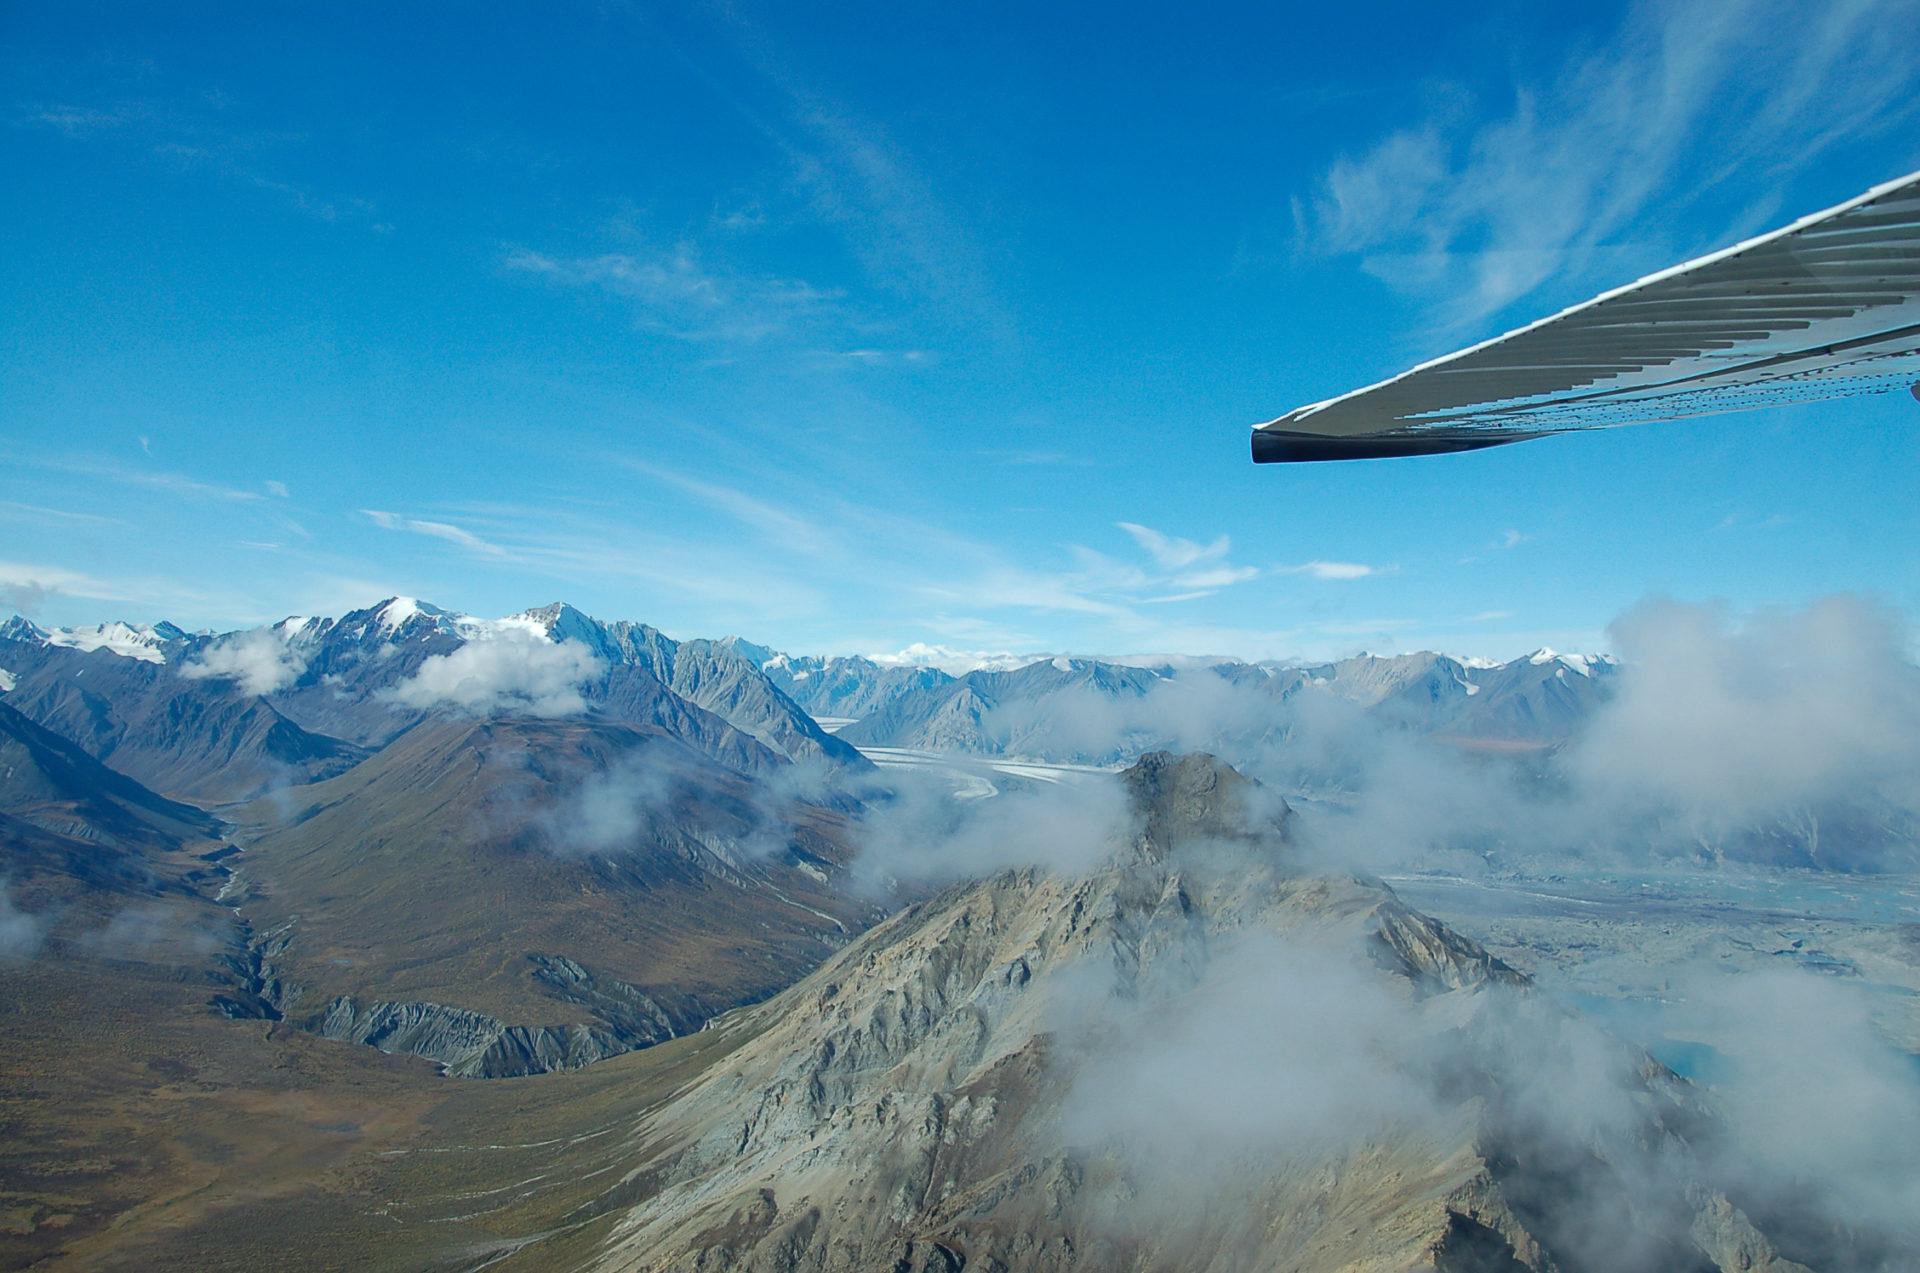 Bergwelten im kanadischen Yukon aus dem Fenster eines Sportflugzeugs